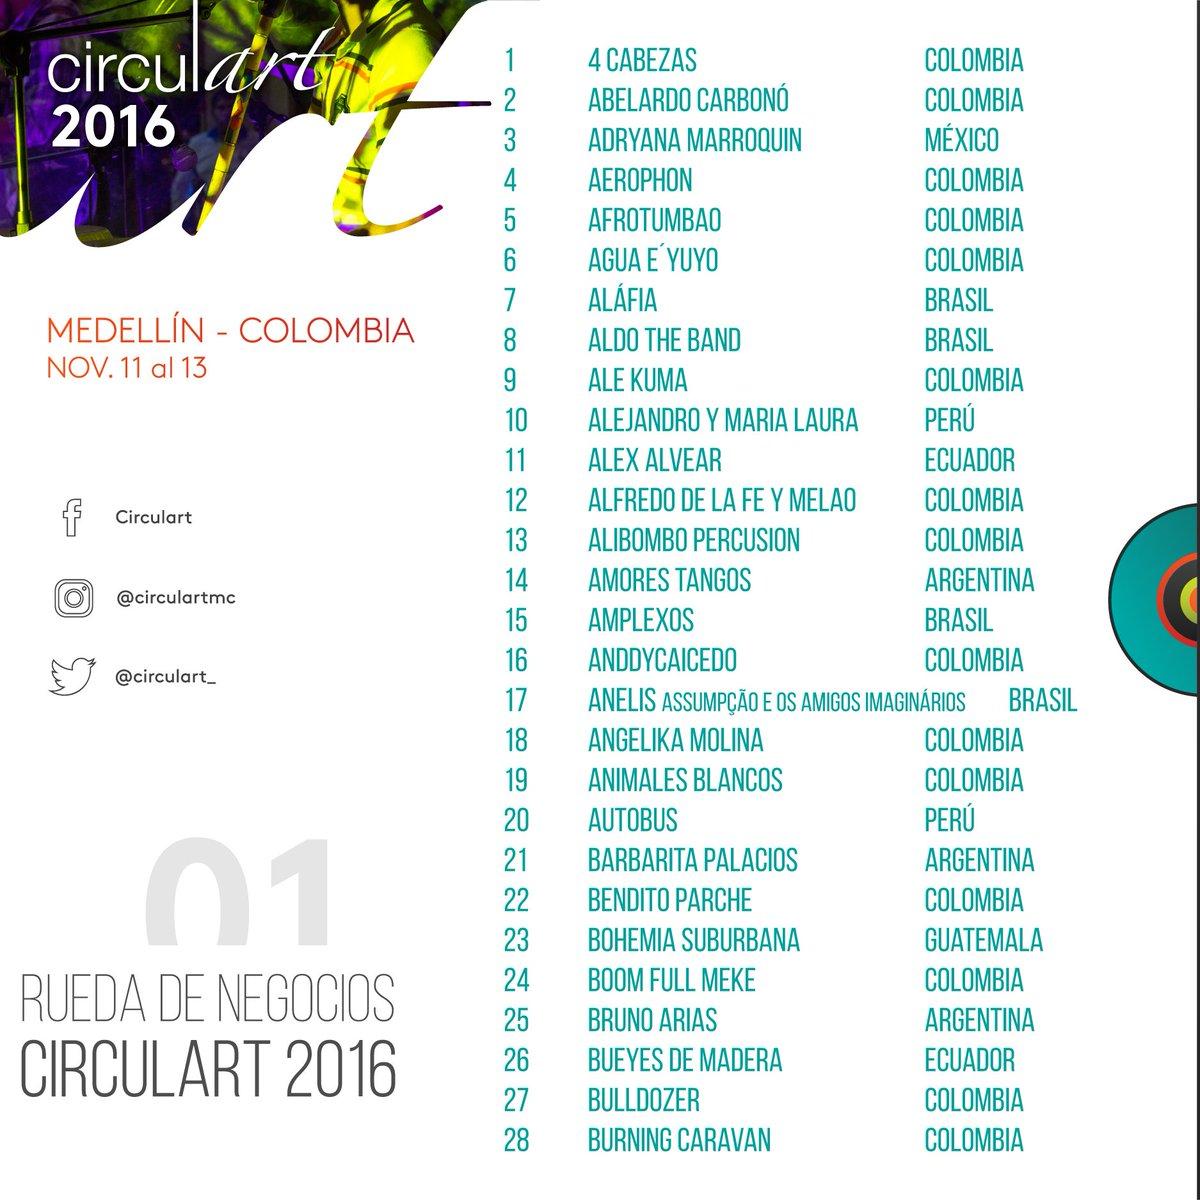 Felices de anunciar los artistas seleccionados a la rueda de negocios @Circulart2016 ¡Allá tenemos que oír! https://t.co/Z3MoBacCxk